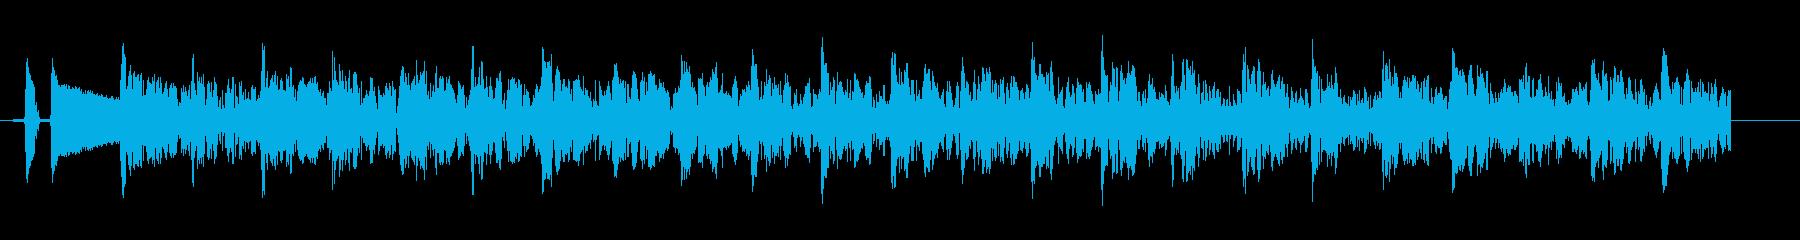 発砲音 連射の再生済みの波形